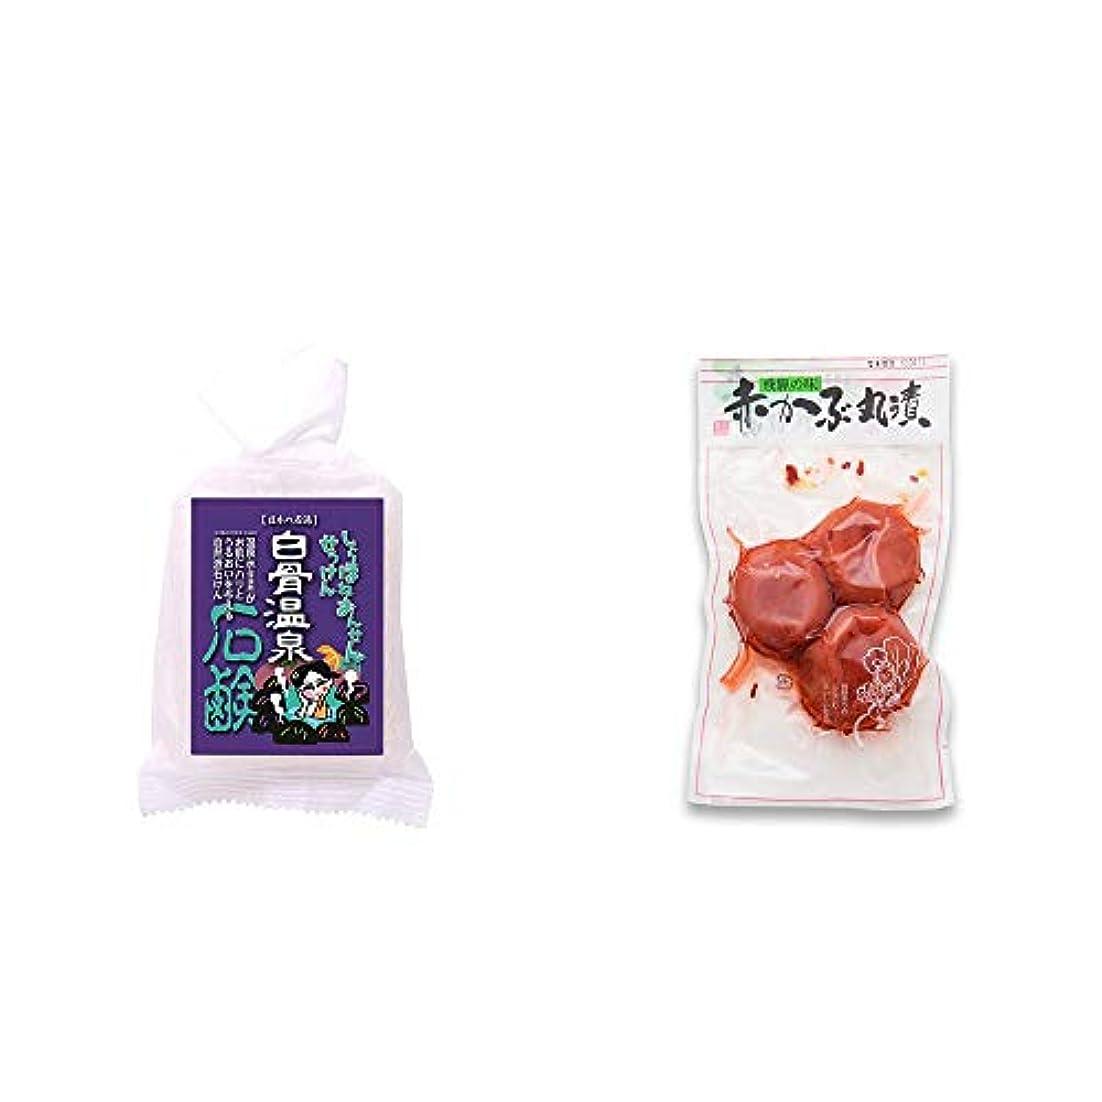 素朴な振幅純正[2点セット] 信州 白骨温泉石鹸(80g)?赤かぶ丸漬け(150g)